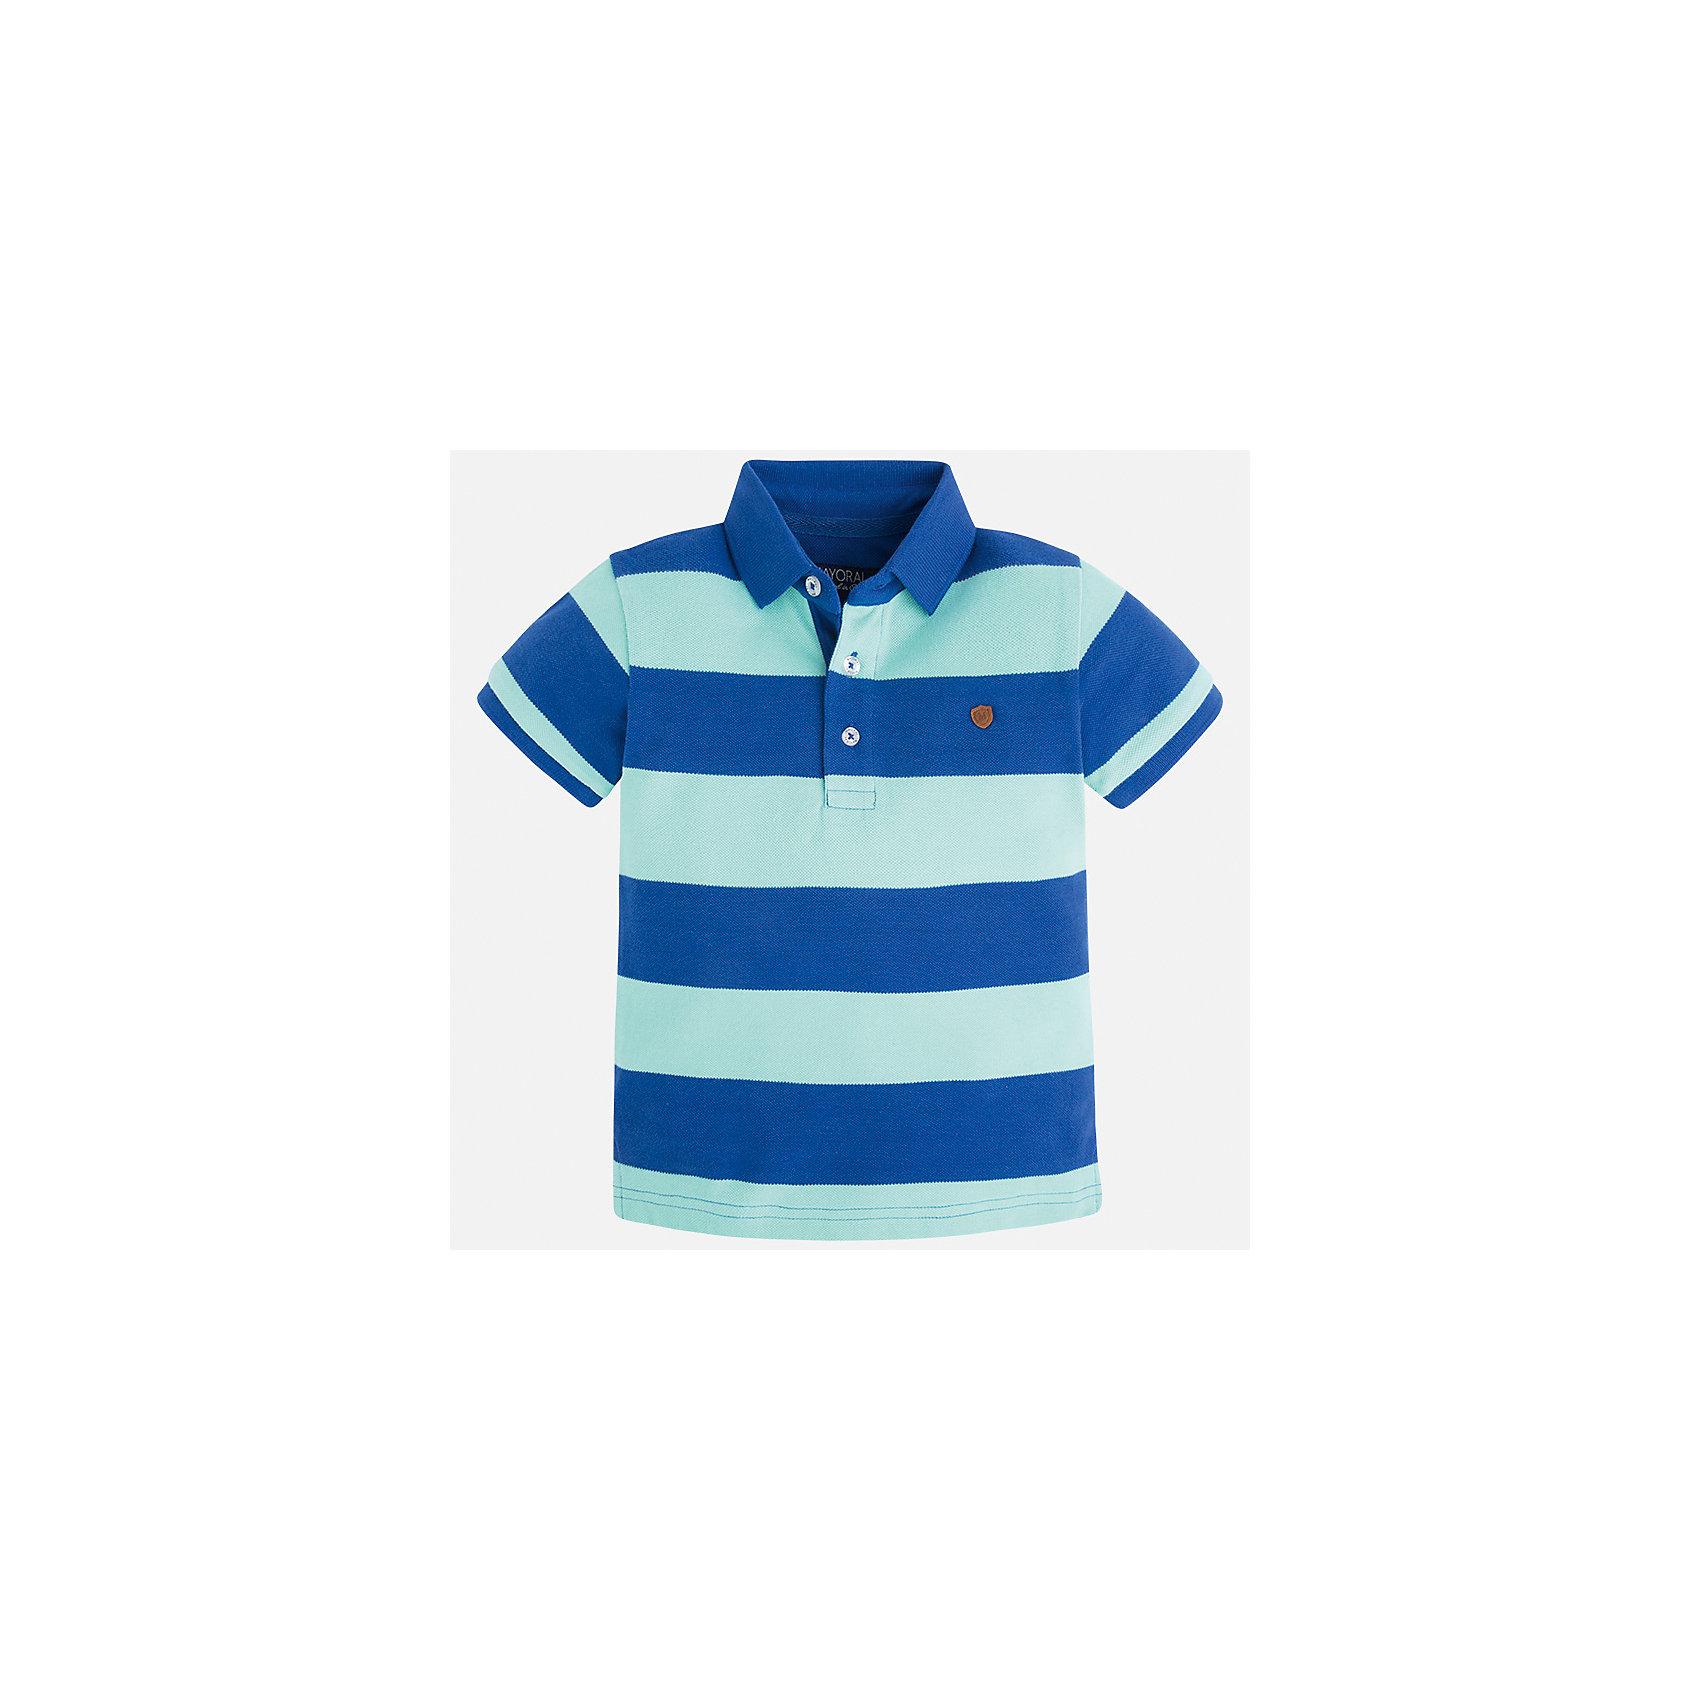 Футболка-поло для мальчика MayoralФутболки, поло и топы<br>Характеристики товара:<br><br>• цвет: синий/зеленый<br>• состав: 100% хлопок<br>• отложной воротник<br>• короткие рукава<br>• застежка: пуговицы<br>• декорирована вышивкой<br>• страна бренда: Испания<br><br>Удобная и модная футболка-поло для мальчика может стать базовой вещью в гардеробе ребенка. Она отлично сочетается с брюками, шортами, джинсами и т.д. Универсальный крой и цвет позволяет подобрать к вещи низ разных расцветок. Практичное и стильное изделие! В составе материала - только натуральный хлопок, гипоаллергенный, приятный на ощупь, дышащий.<br><br>Одежда, обувь и аксессуары от испанского бренда Mayoral полюбились детям и взрослым по всему миру. Модели этой марки - стильные и удобные. Для их производства используются только безопасные, качественные материалы и фурнитура. Порадуйте ребенка модными и красивыми вещами от Mayoral! <br><br>Футболку-поло для мальчика от испанского бренда Mayoral (Майорал) можно купить в нашем интернет-магазине.<br><br>Ширина мм: 230<br>Глубина мм: 40<br>Высота мм: 220<br>Вес г: 250<br>Цвет: синий<br>Возраст от месяцев: 60<br>Возраст до месяцев: 72<br>Пол: Мужской<br>Возраст: Детский<br>Размер: 116,134,122,110,104,98,128,92<br>SKU: 5272000